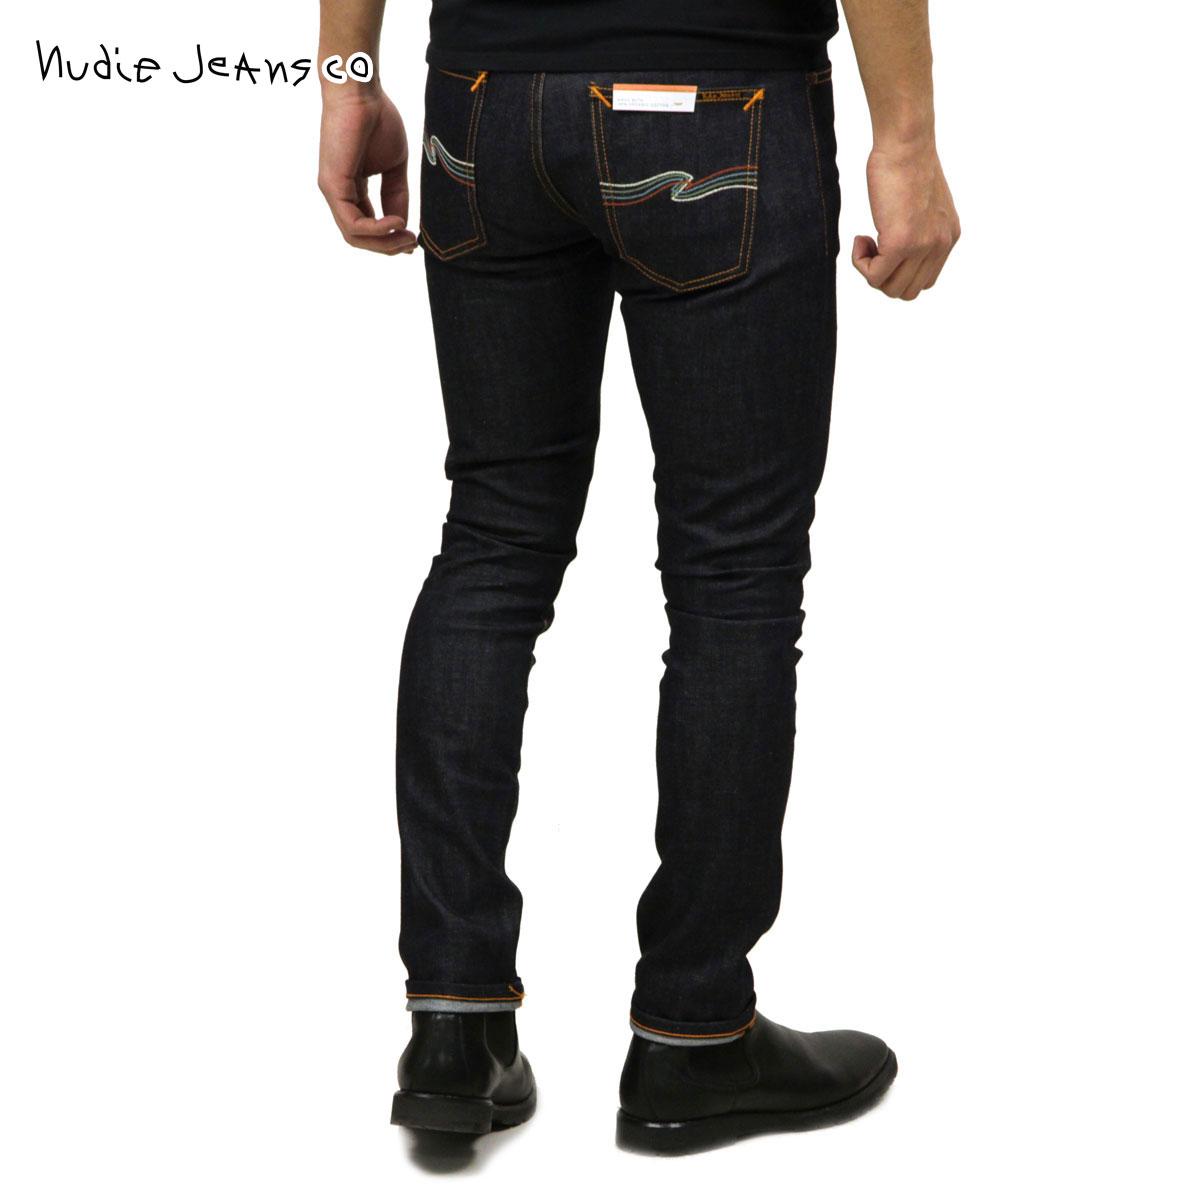 ヌーディージーンズ Nudie Jeans 正規販売店 メンズ ジーンズ リーンディーン LEAN DEAN JEANS DRY COLORS 060 1131780 1356